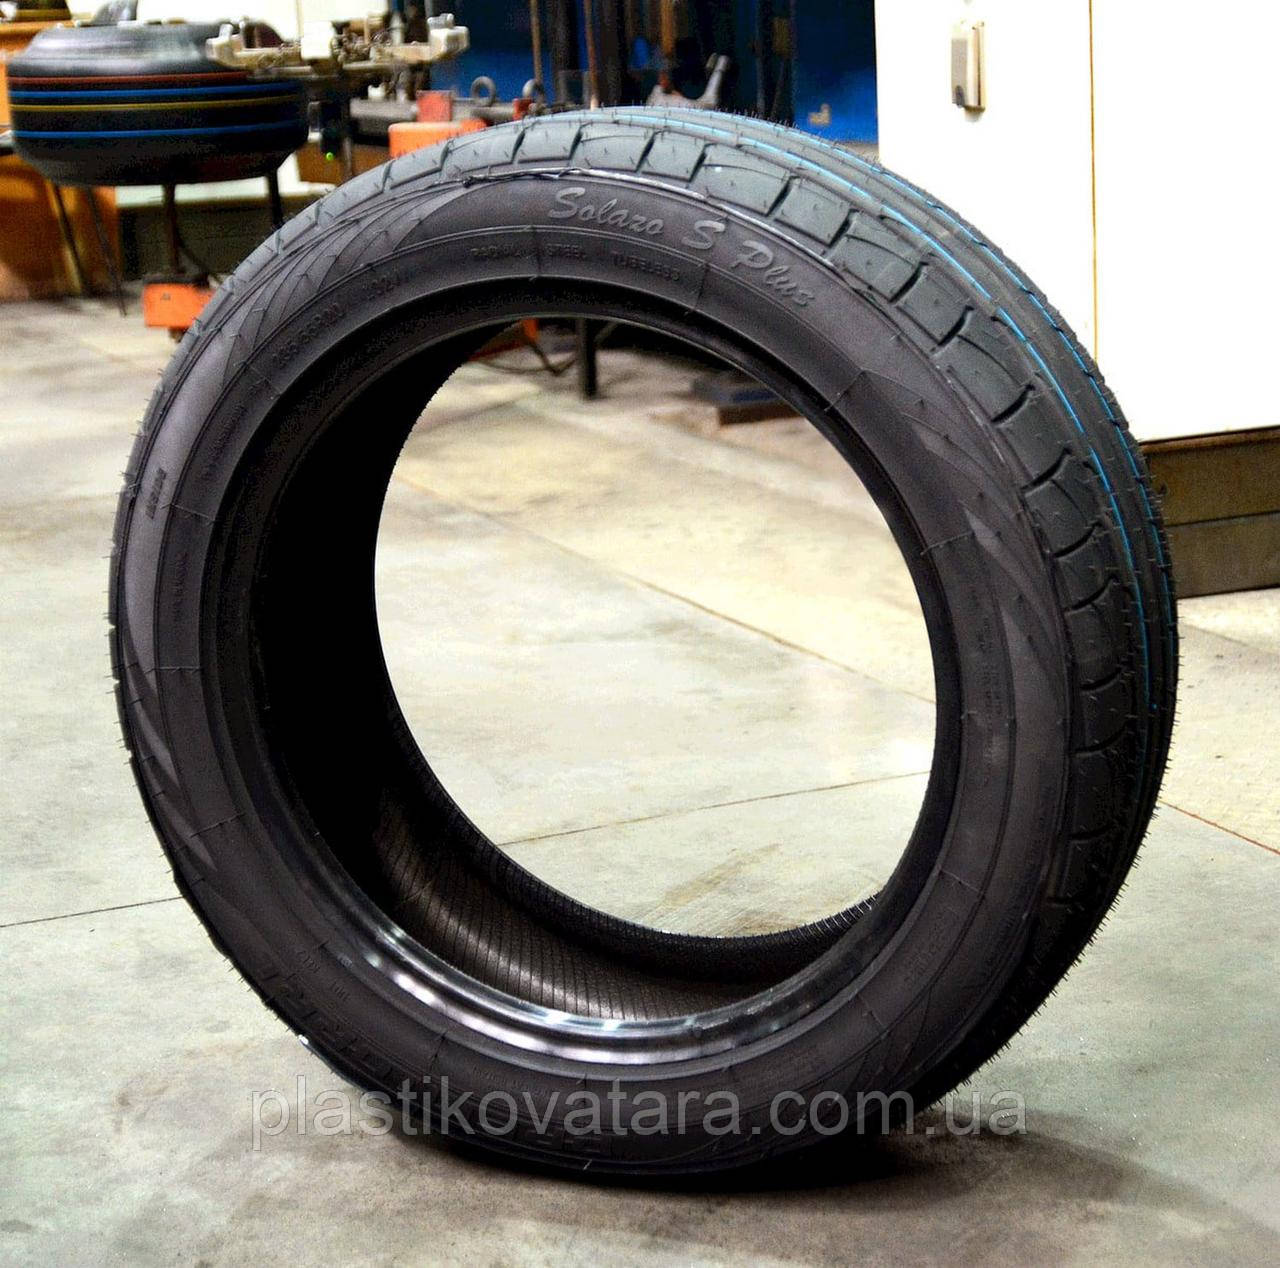 """""""Росава"""" выпустила 20-ти дюймовую шину для легковых автомобилей!"""